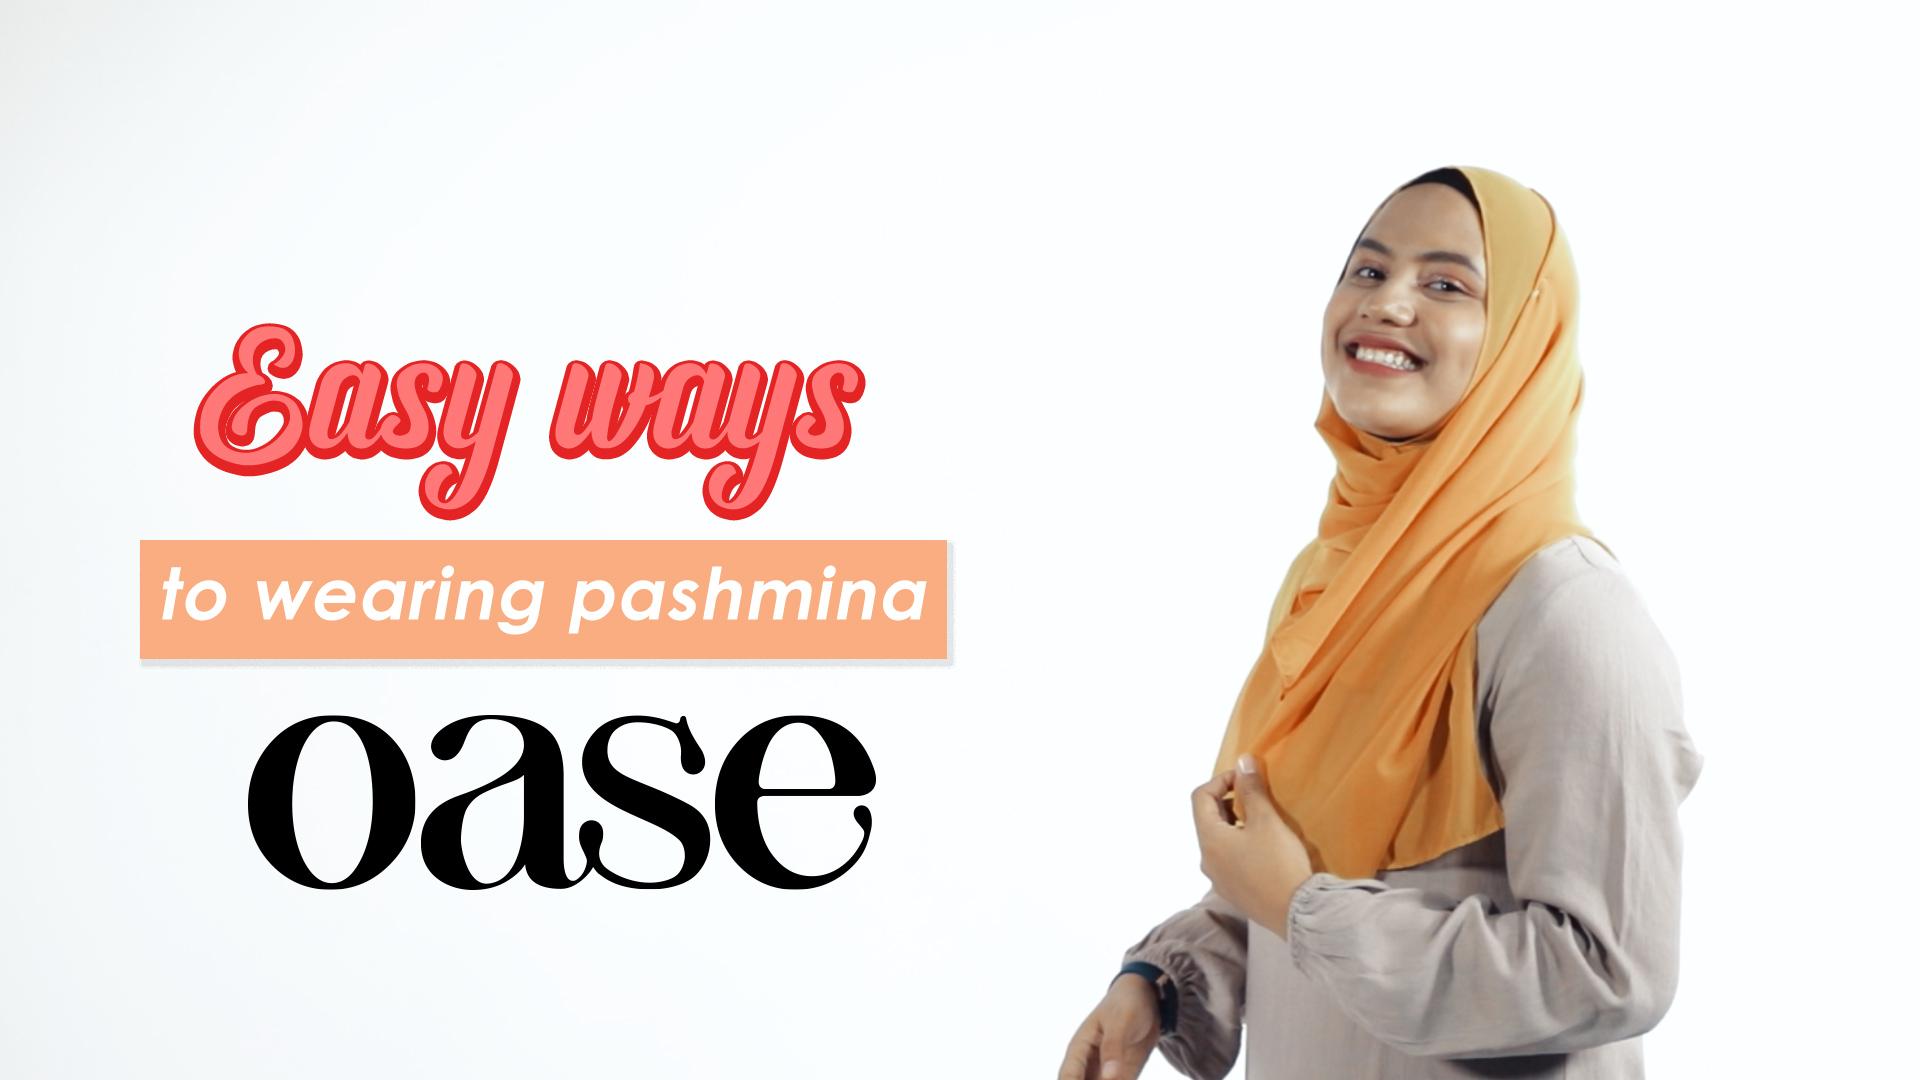 Easy Ways to Wearing Pashmina